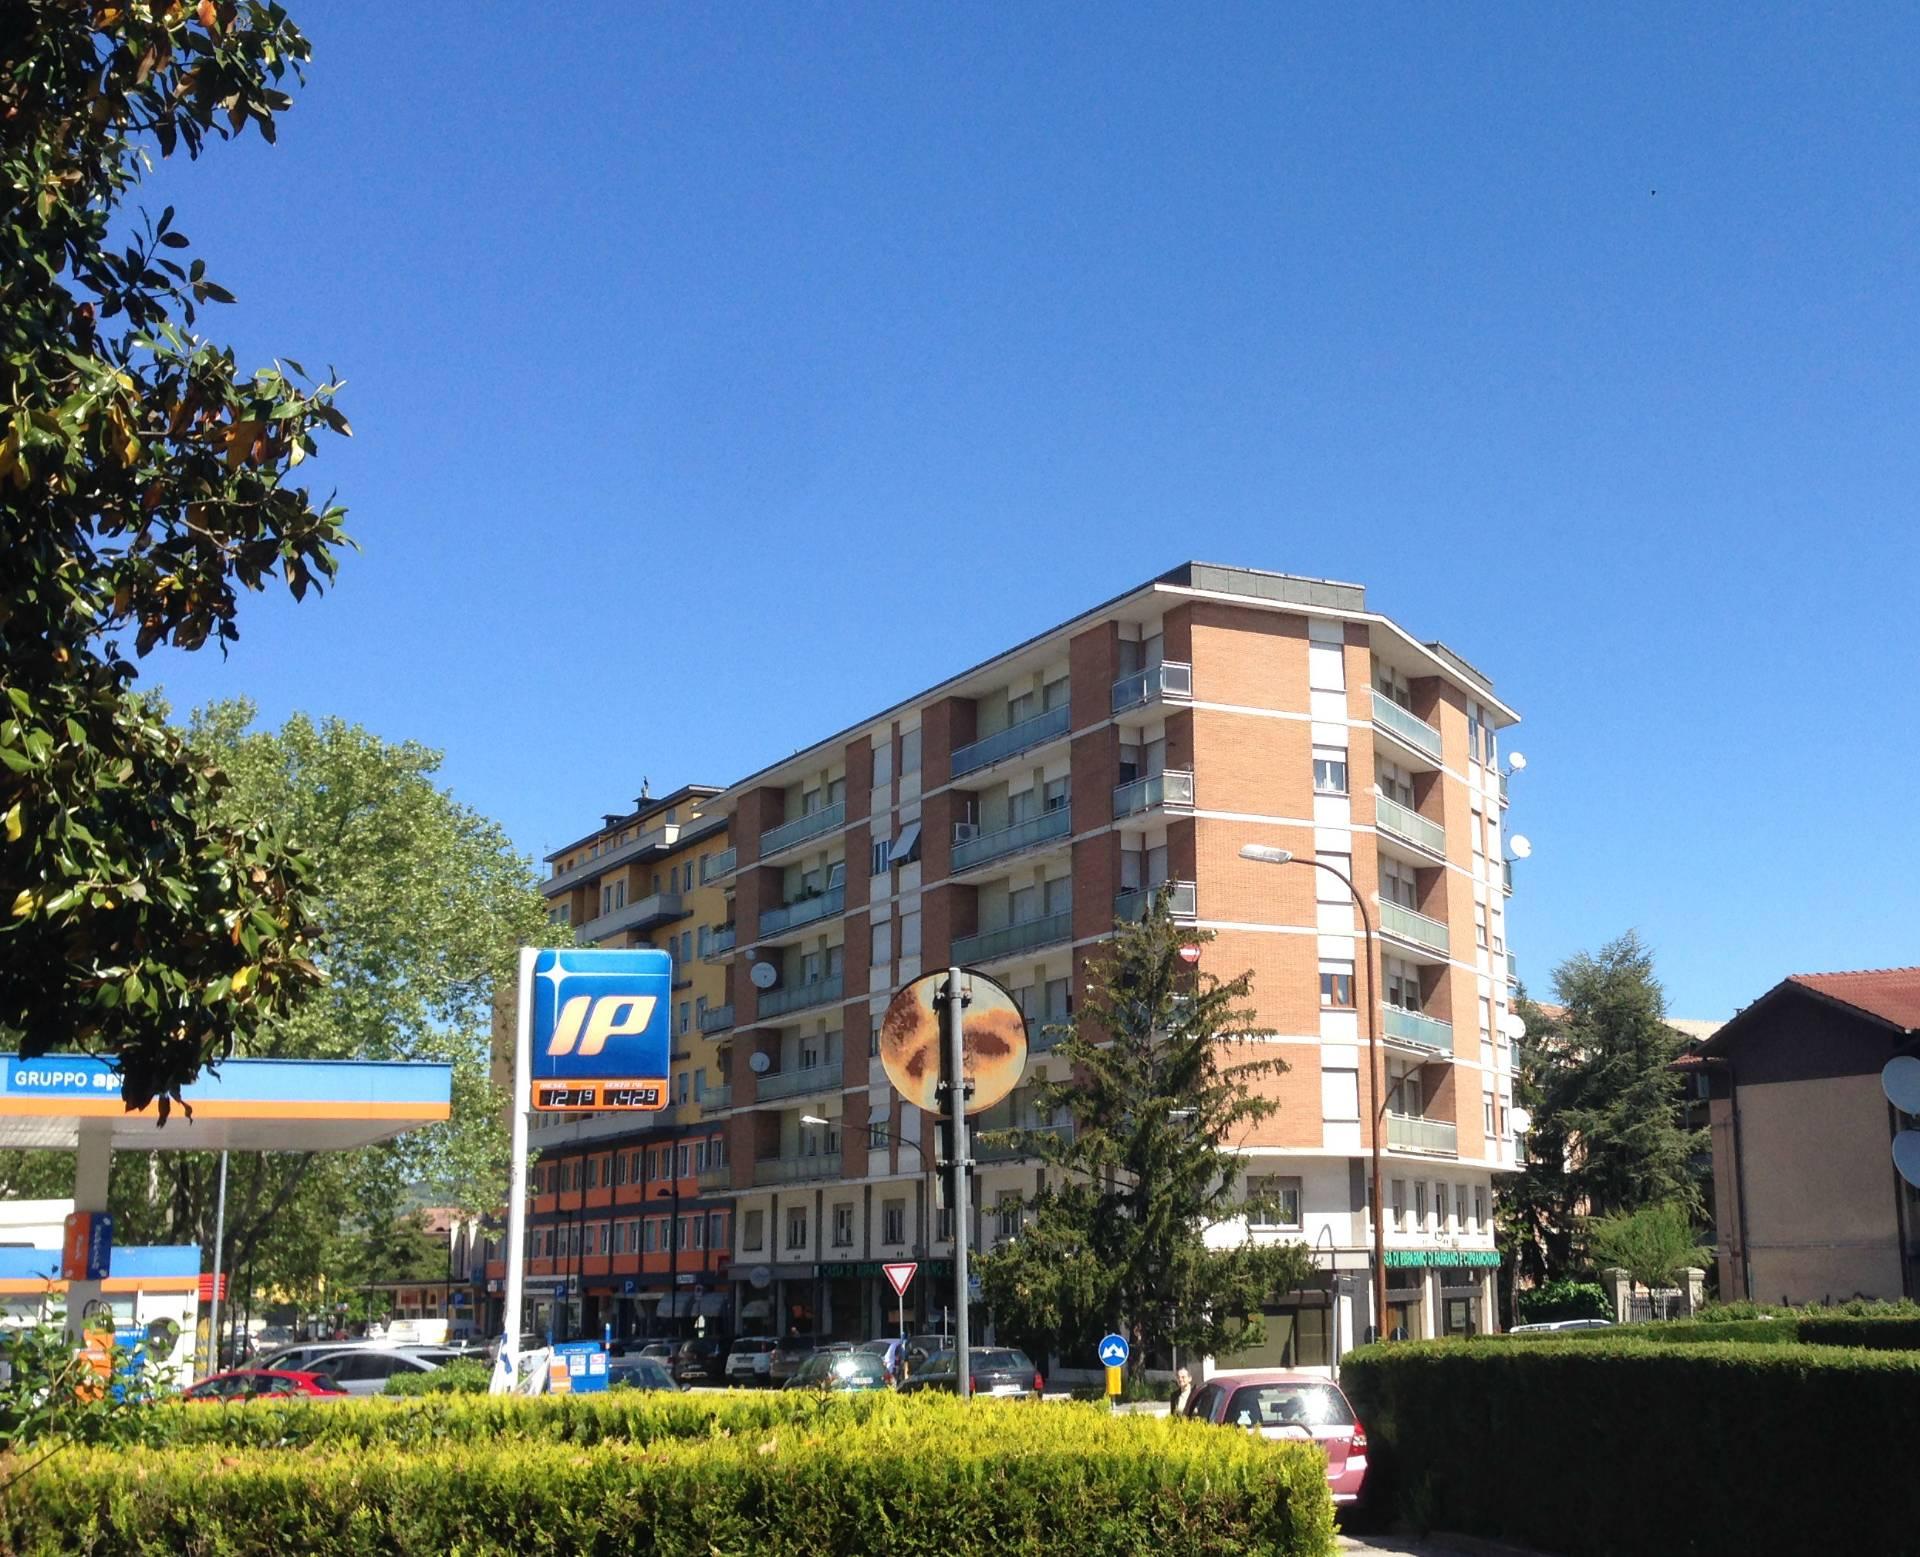 Appartamento in vendita a Fabriano, 7 locali, zona Località: SEMIPERIFERIA, prezzo € 105.000 | CambioCasa.it